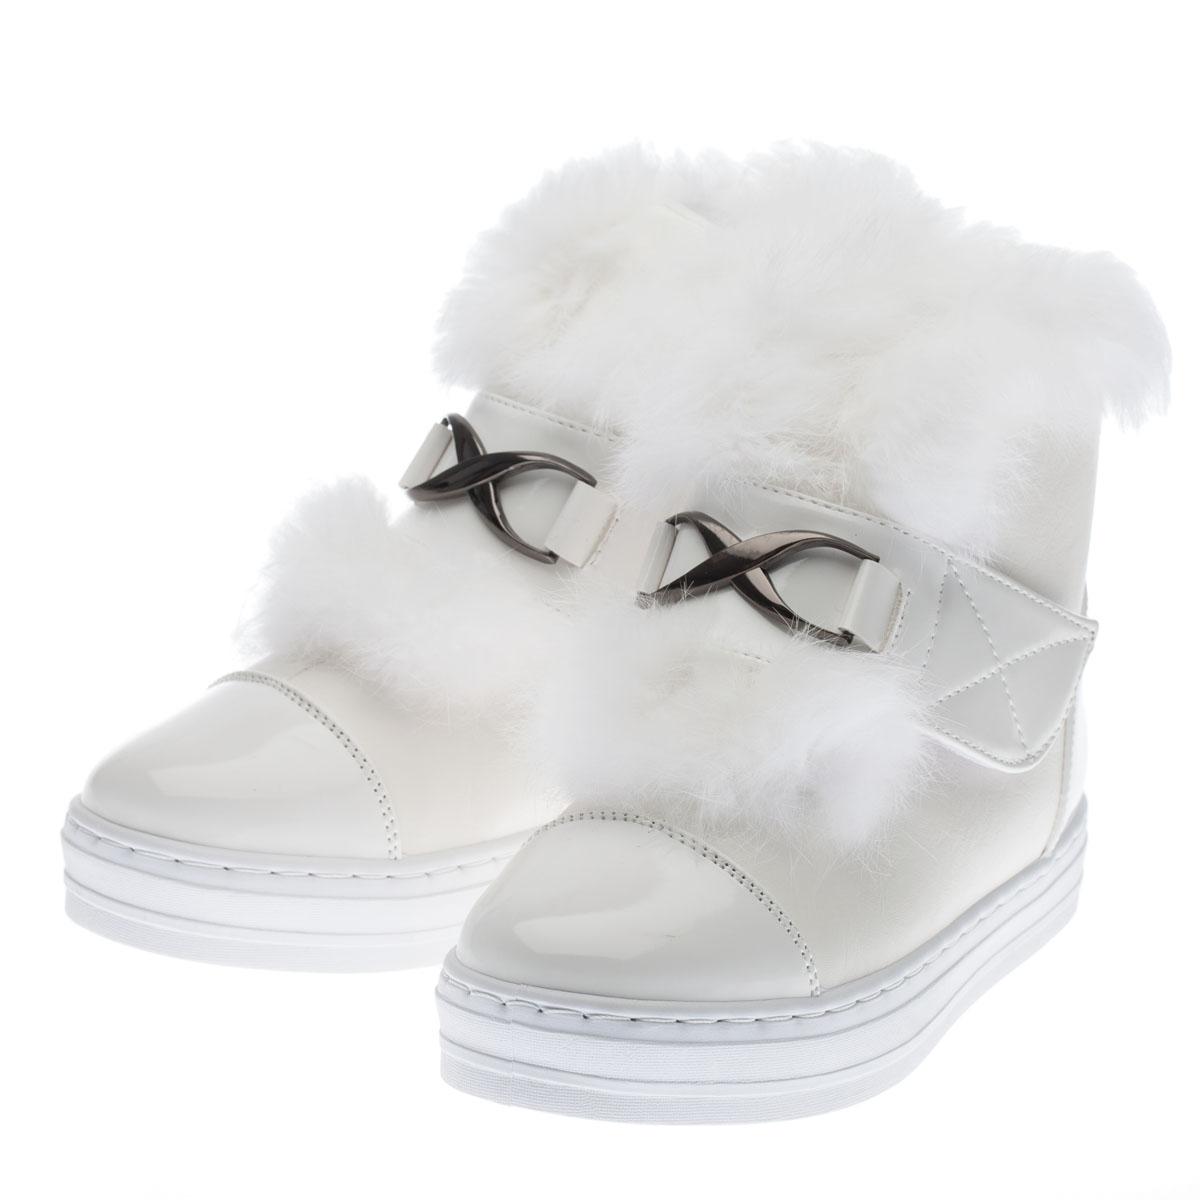 Фото - Ботинки демисезонные FERTO, N1802 ботинки демисезонные ferto skl 008